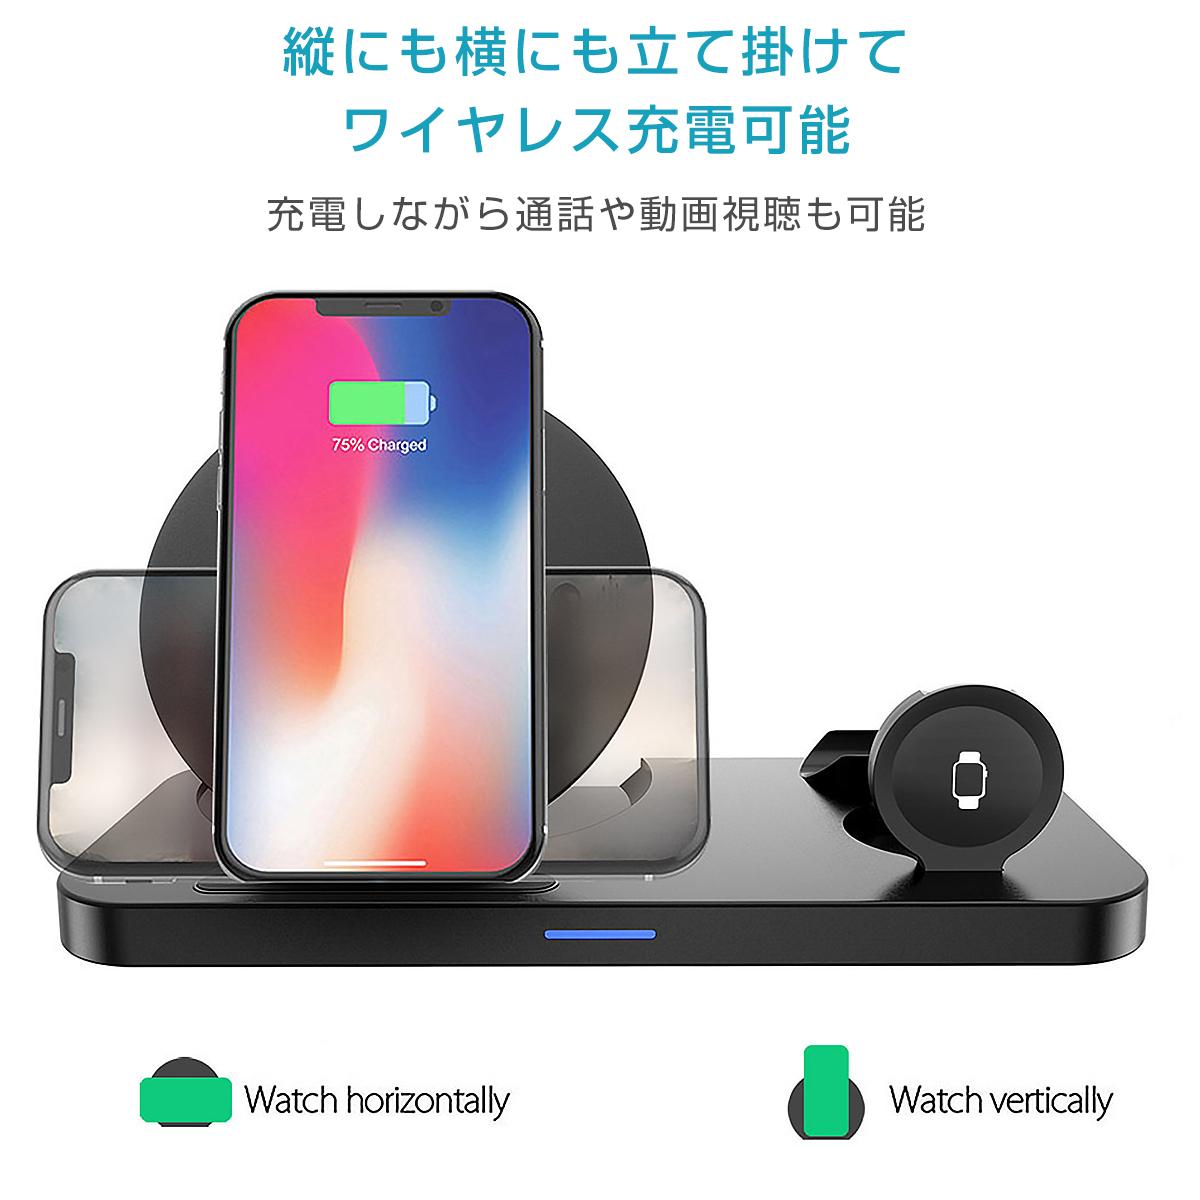 iphone apple watch AirPods 充電 3in1 Qiワイヤレス充電スタンド 折り畳み式 Androidスマホ アップルウォッチ 無線 同時充電 ワイヤレスチャージャー iPhone11 Galaxy S9 対応 黒 SDM便送料無料 1ヶ月保証